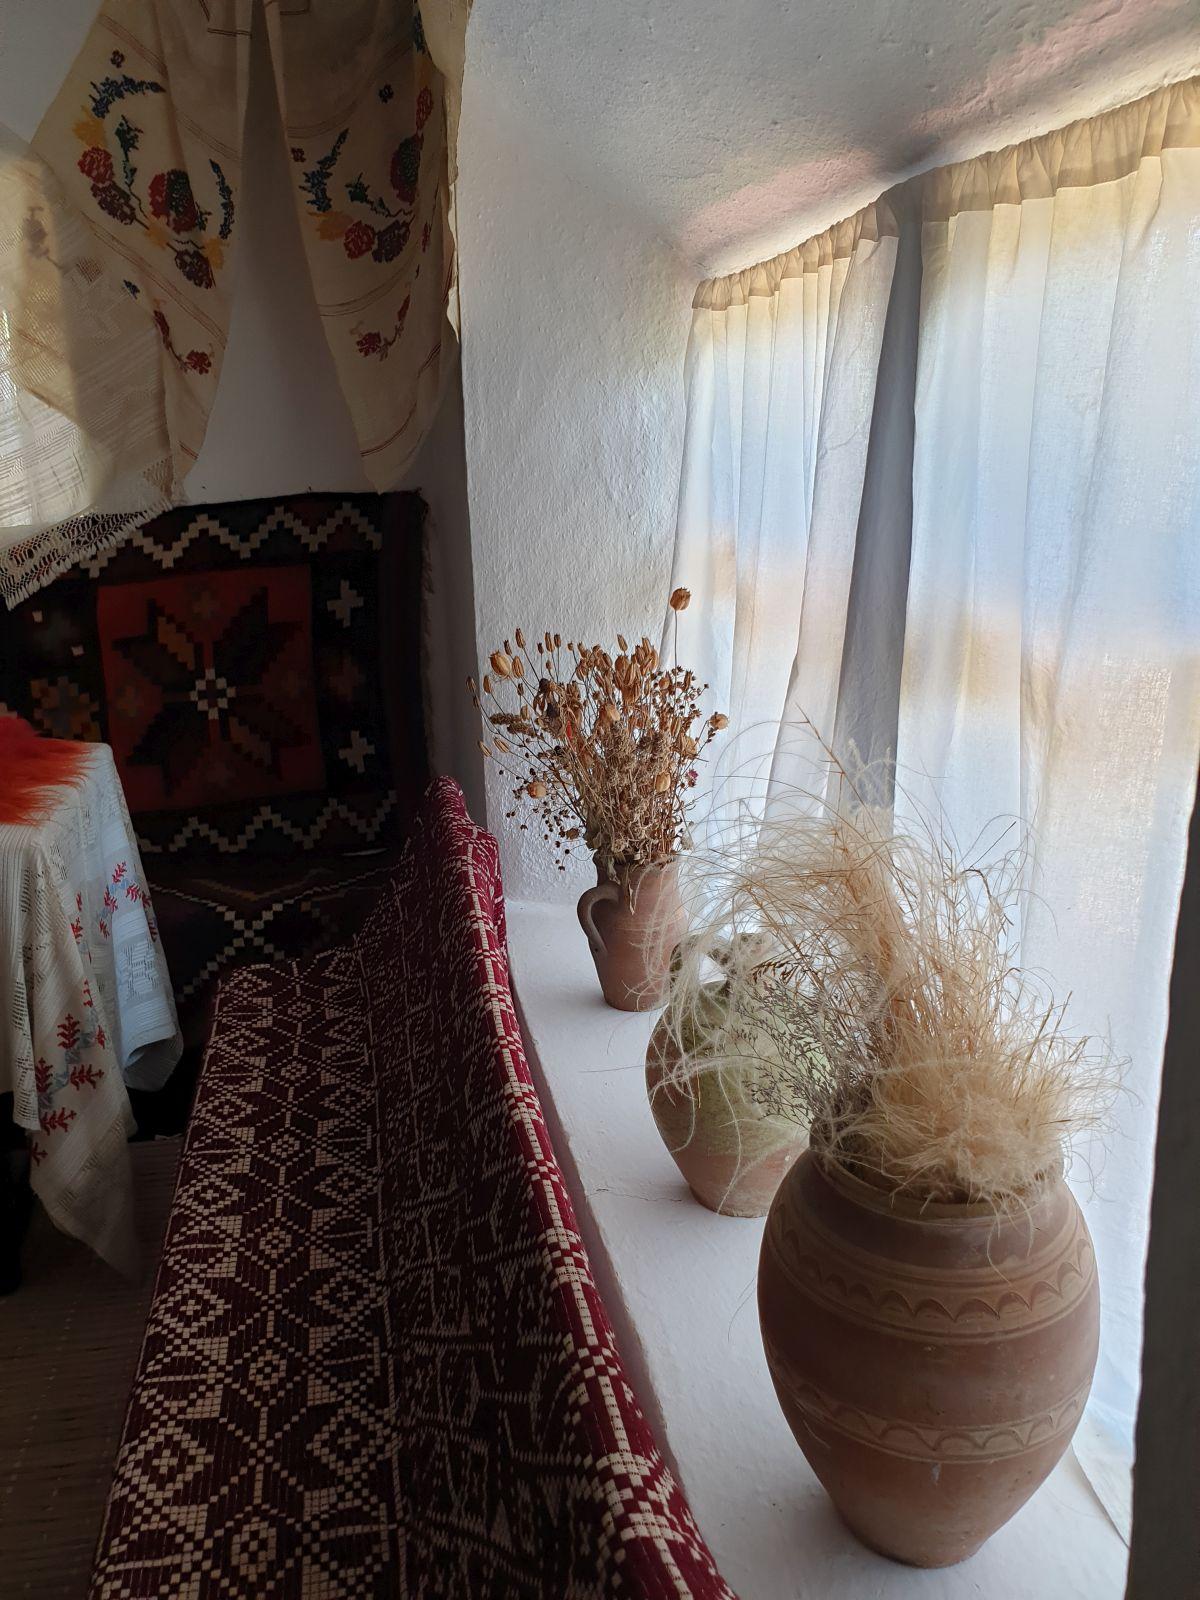 Plante specifice zonei, uscate și puse în vase de ceramică. decorează locul ferestrelor alături de țesăturile tradiționale.